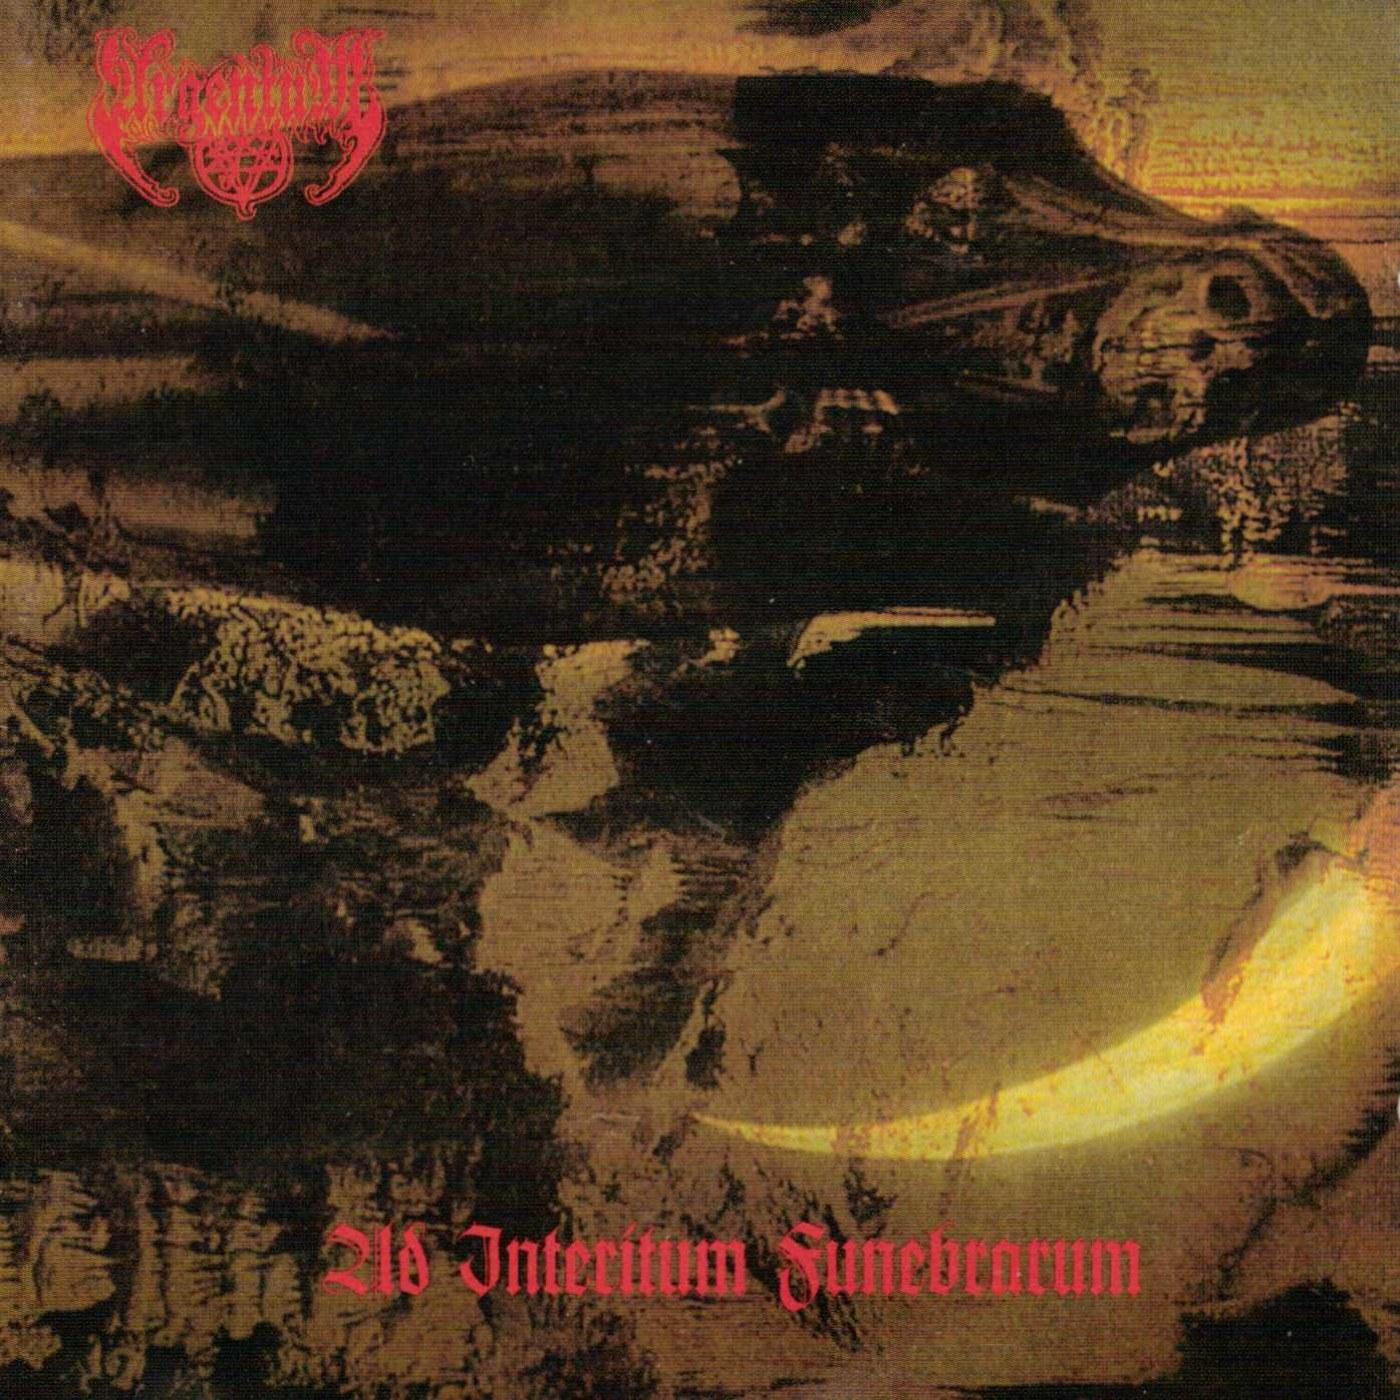 Reviews for Argentum - Ad Interitum Funebrarum